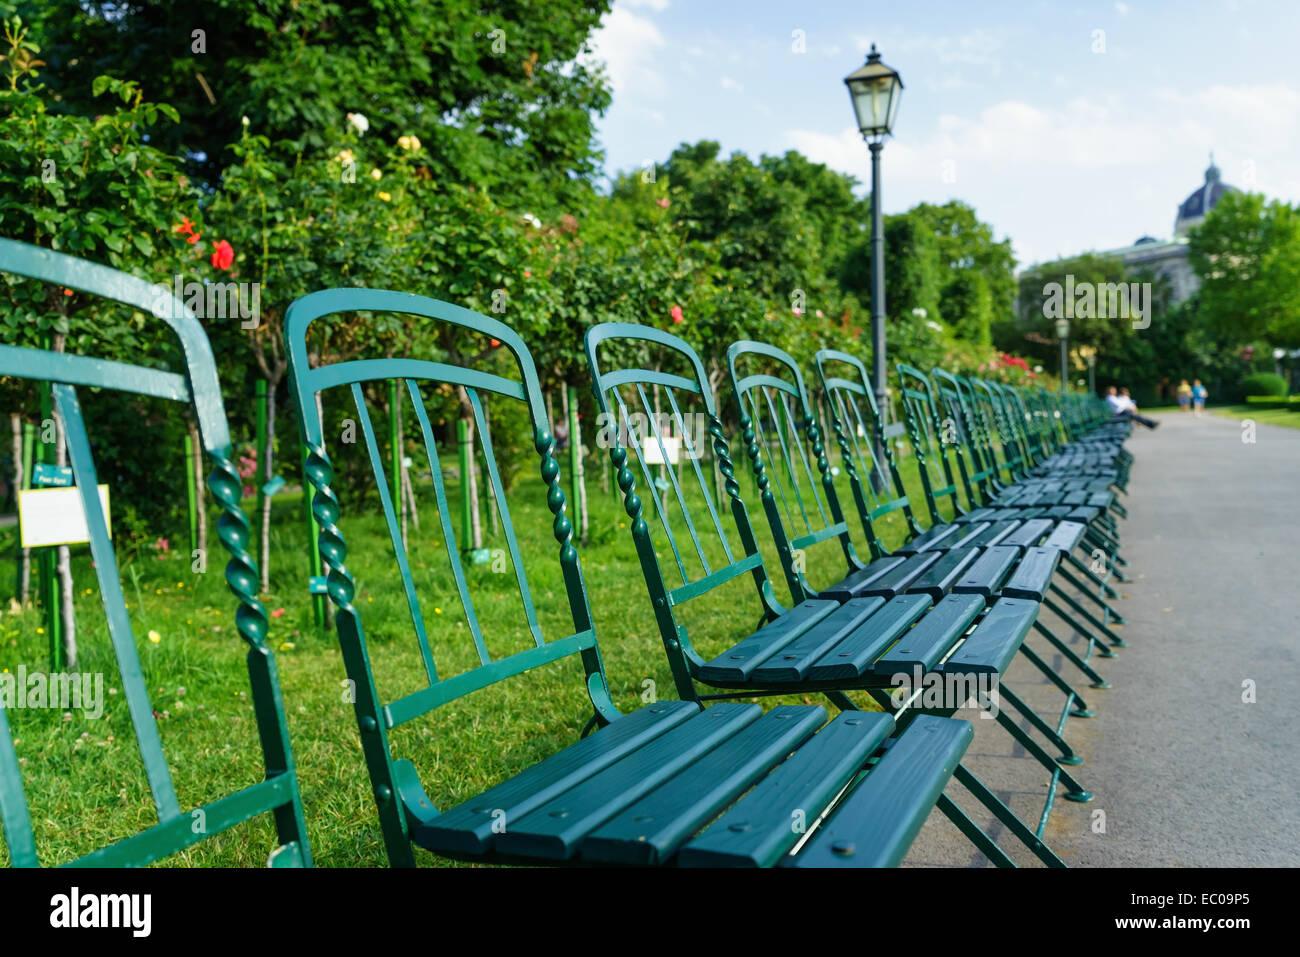 Klappstühle im Rosengarten im Volksgarten öffentlichen Park, in der Nähe der Hofburg in Wien, Österreich. Stockbild